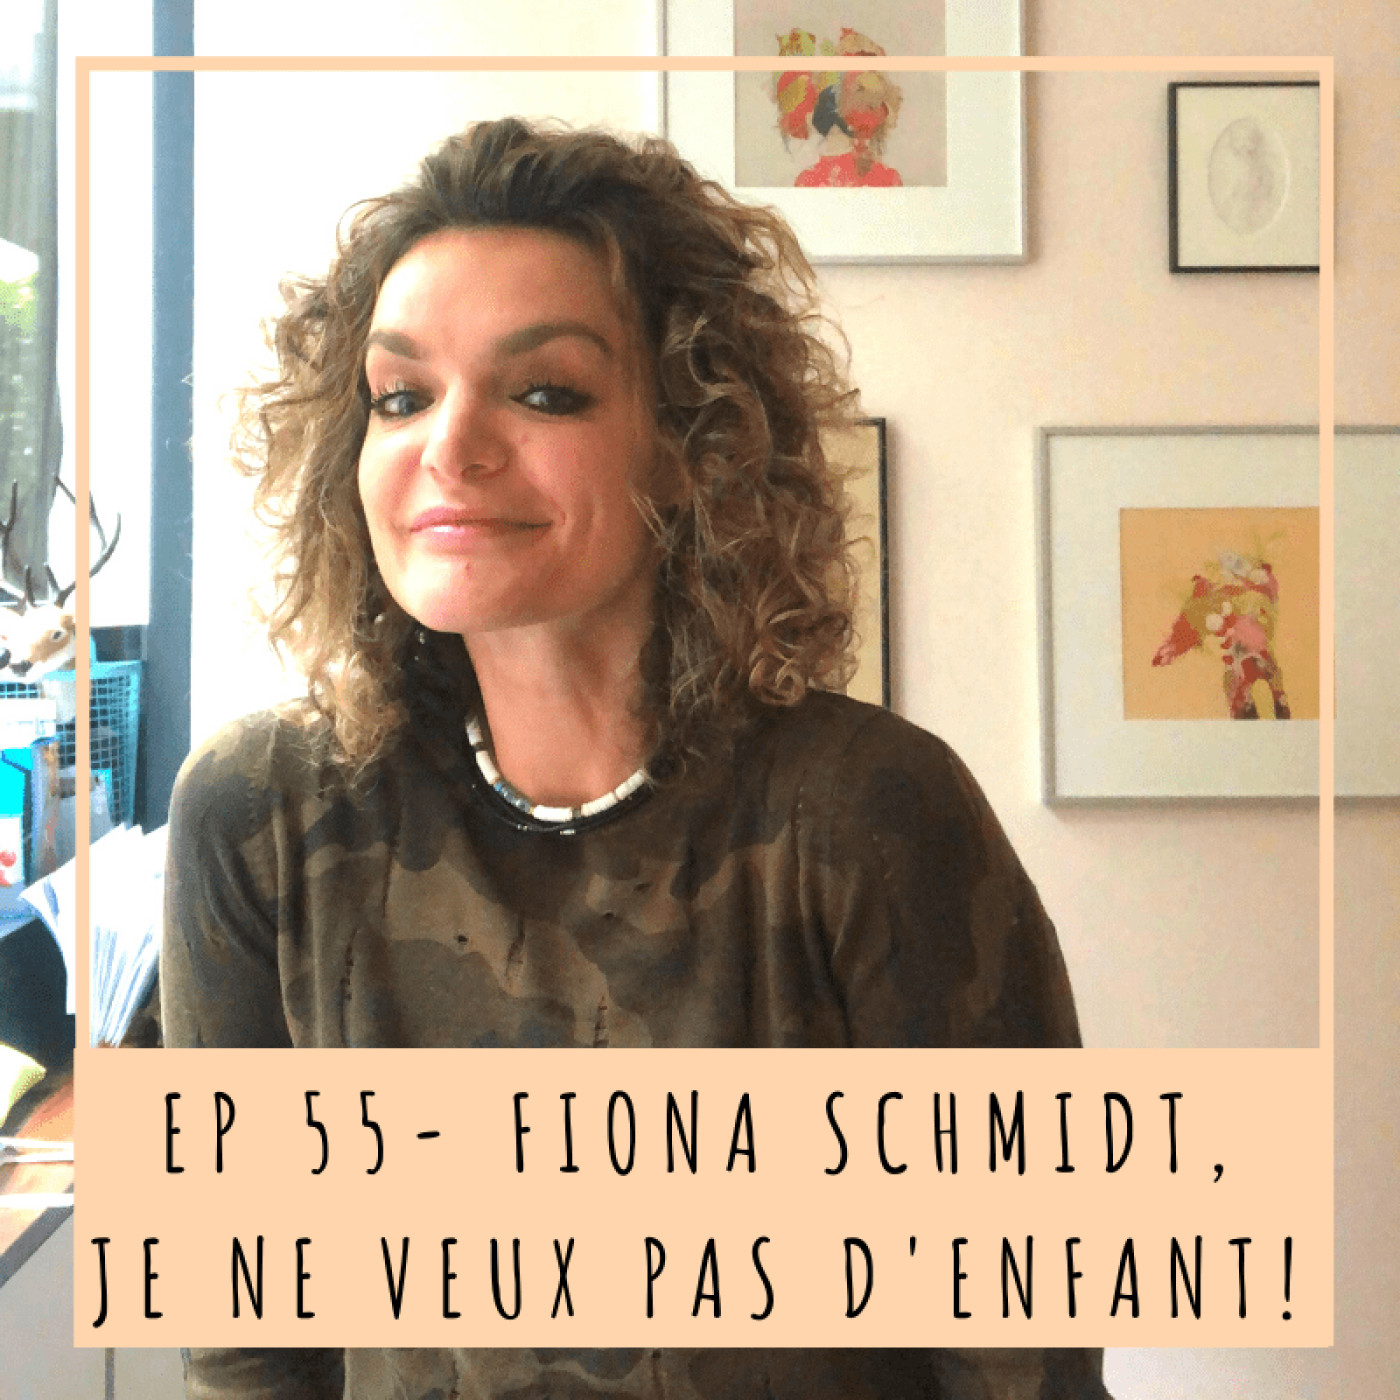 EP55- FIONA SCHMIDT, JE NE VEUX PAS D'ENFANT!